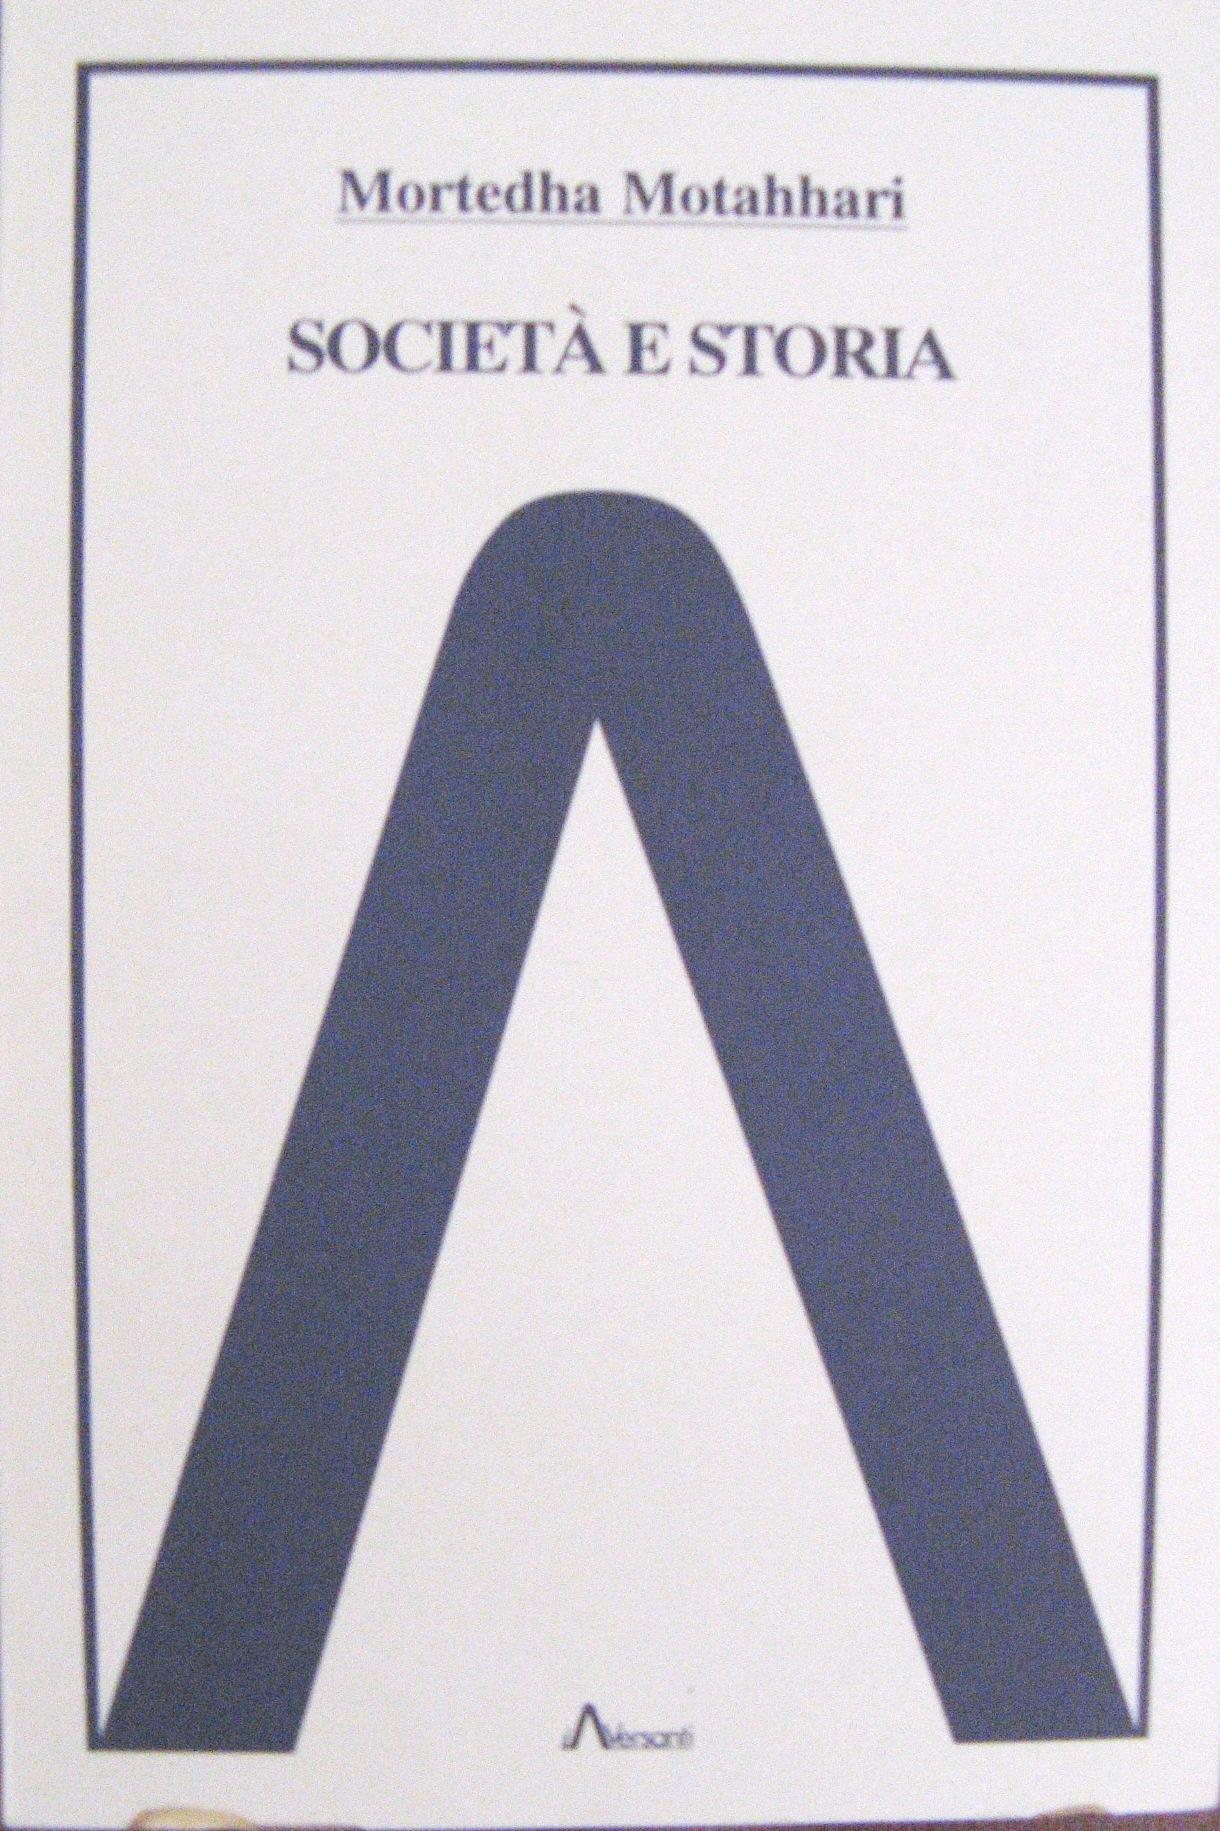 Società e storia